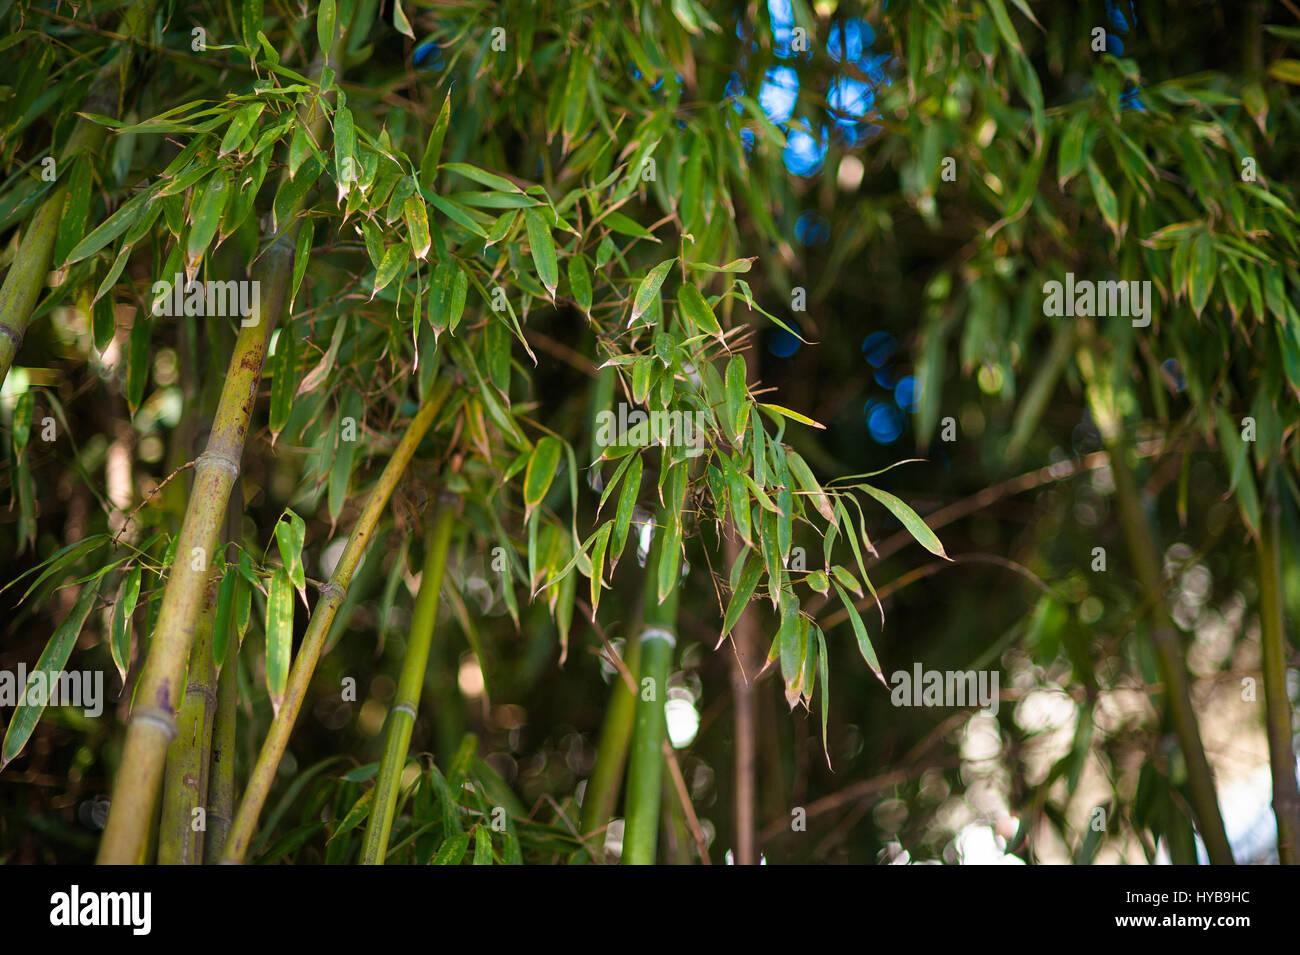 Bambus Wald Naturlichen Grunen Hintergrund Bei Tageslicht Helle